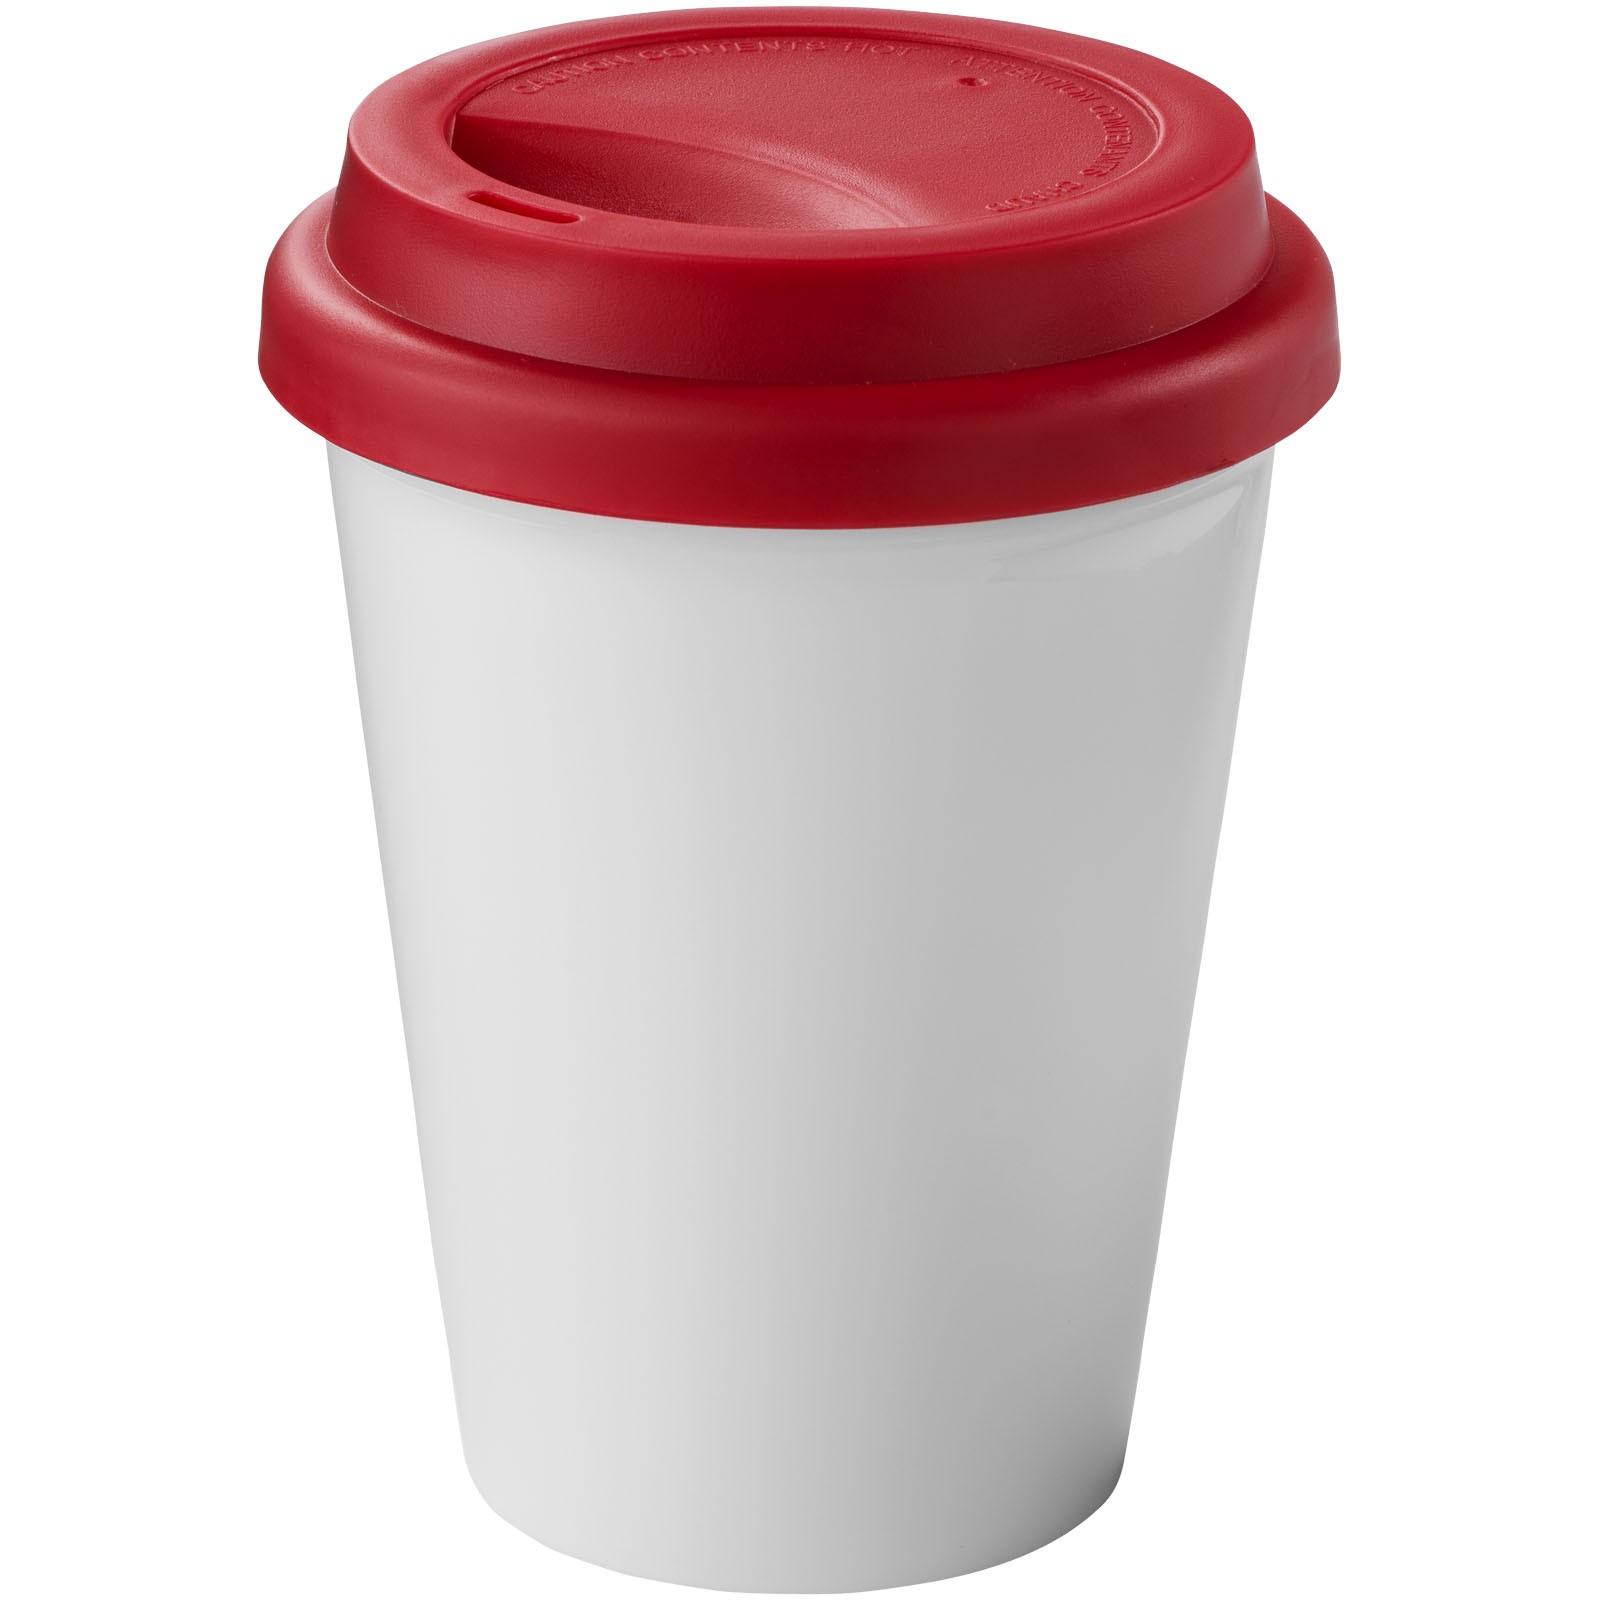 Zamzam 330 ml insulated tumbler - White / Red